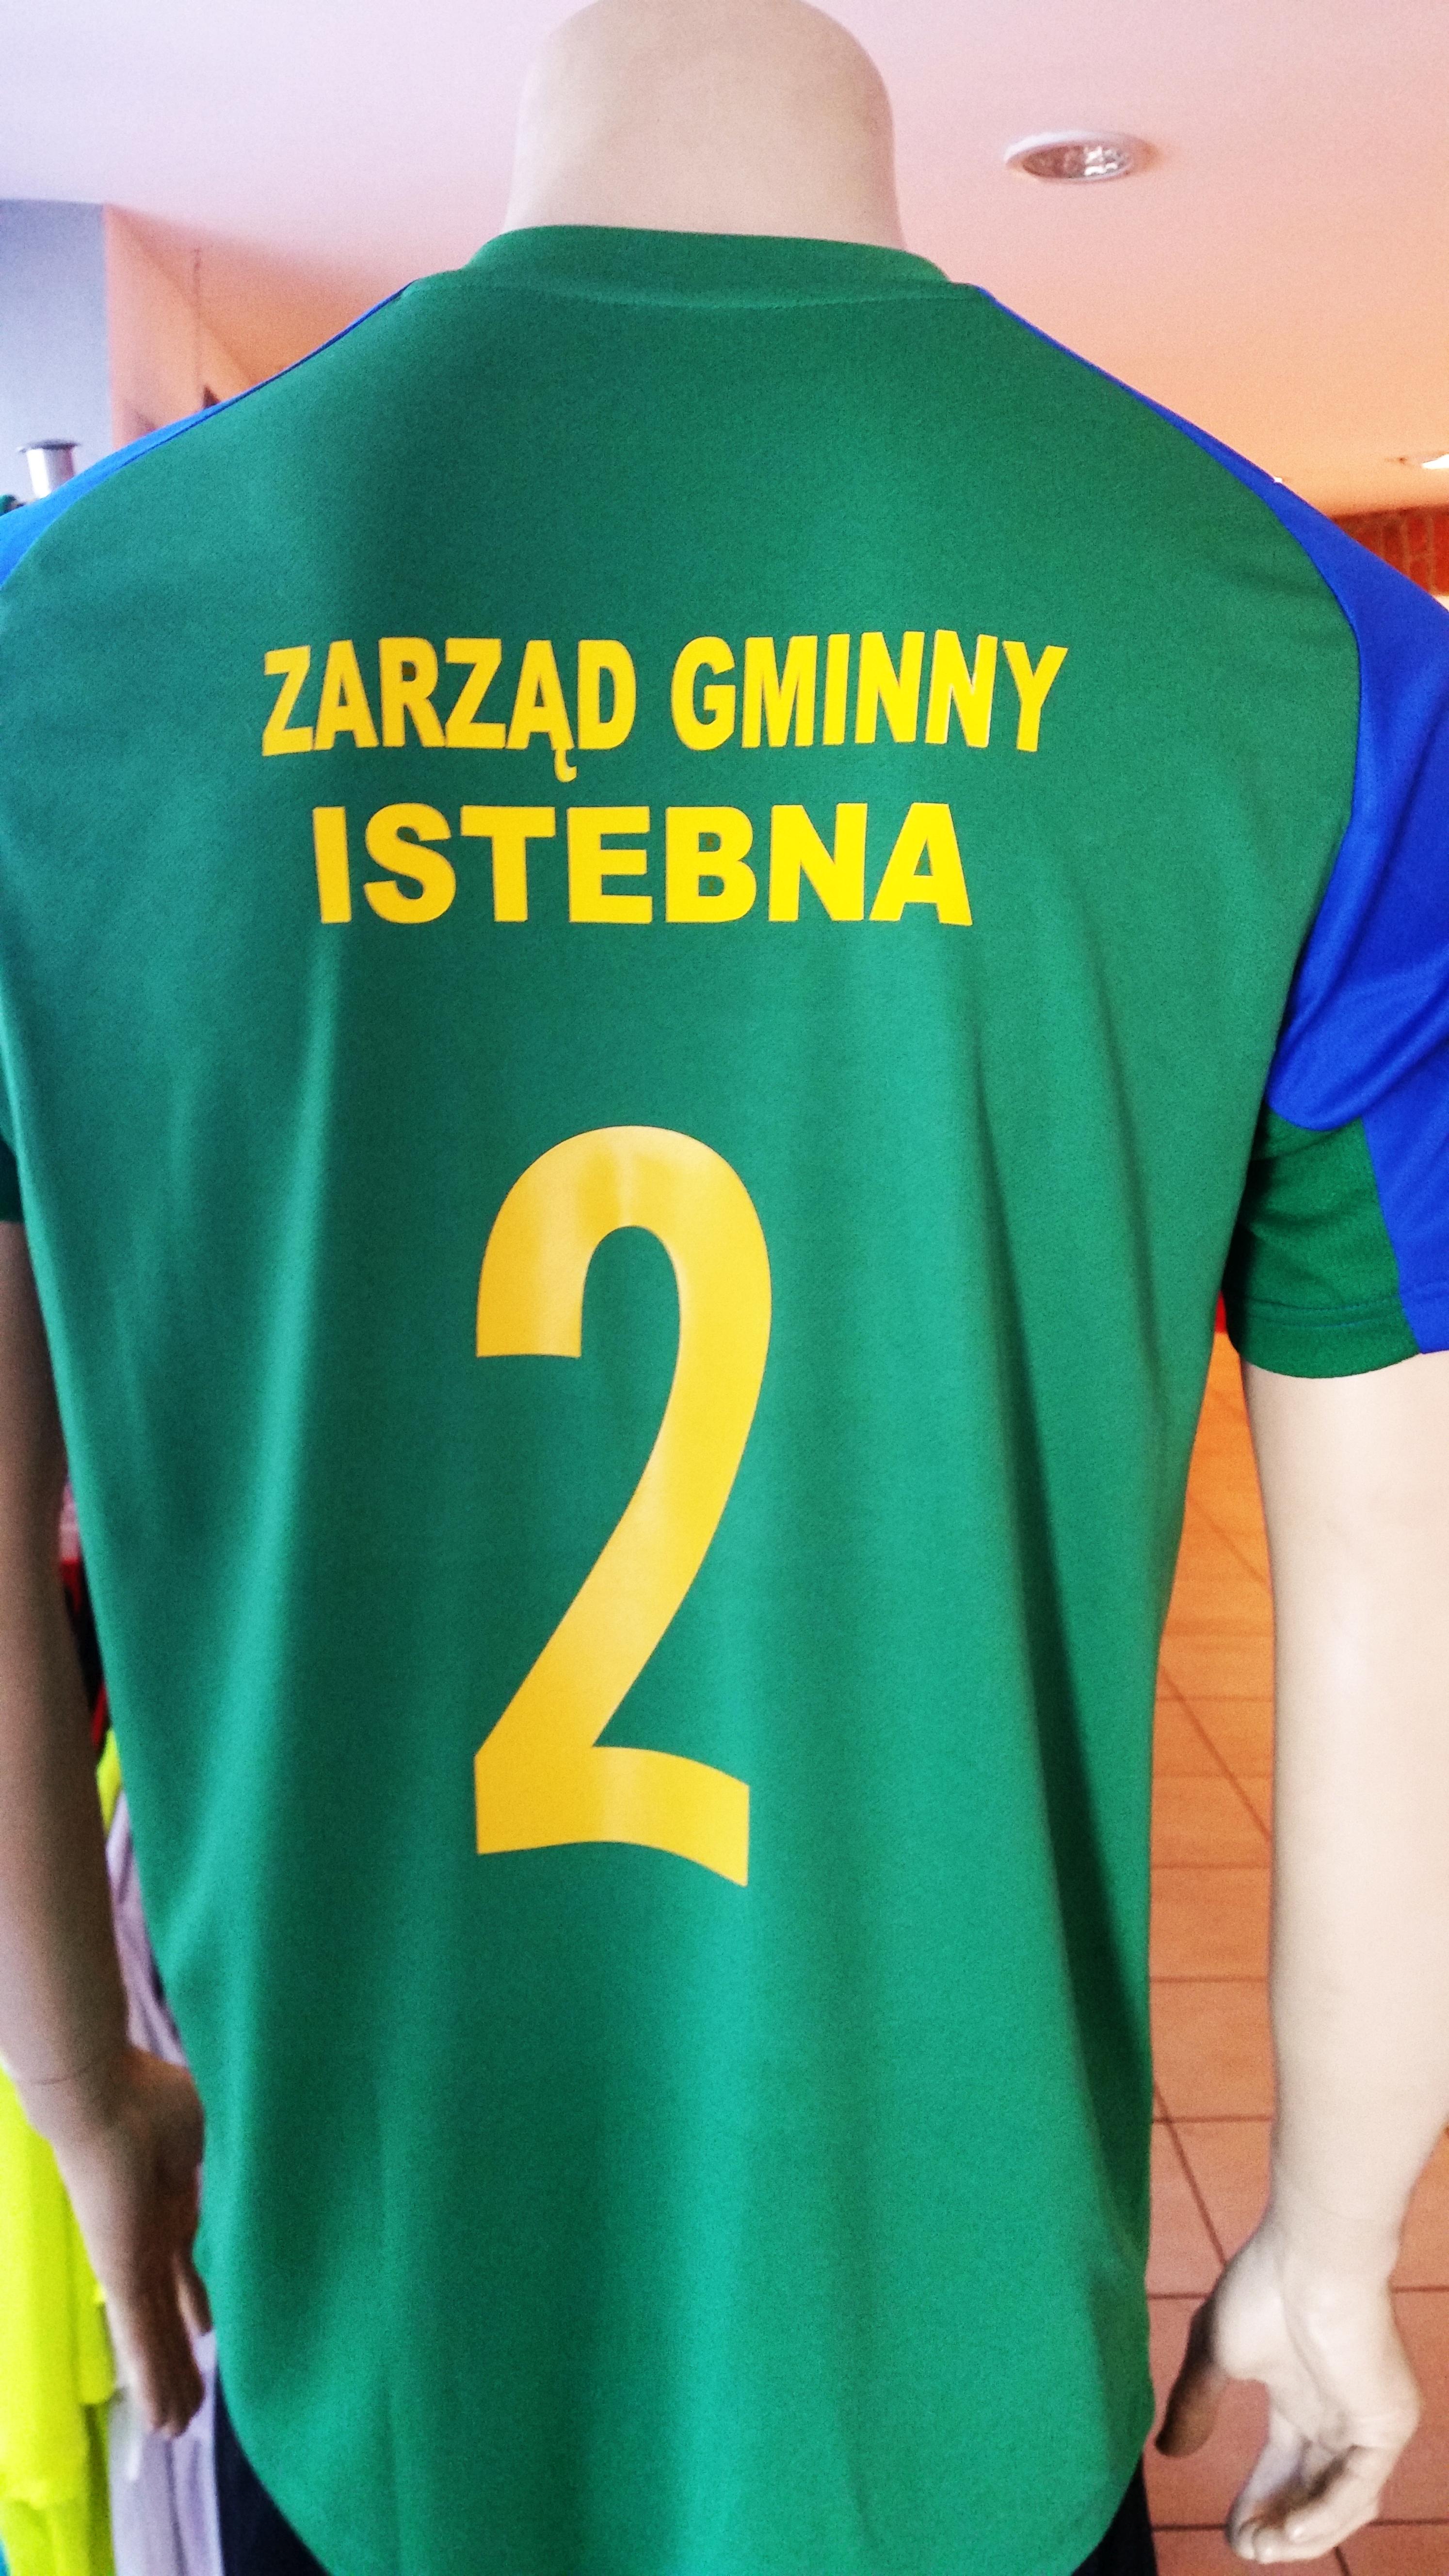 numer promocyjny i napis w 2 linijkach flexem na plecach koszulki sportowej Modero Perso